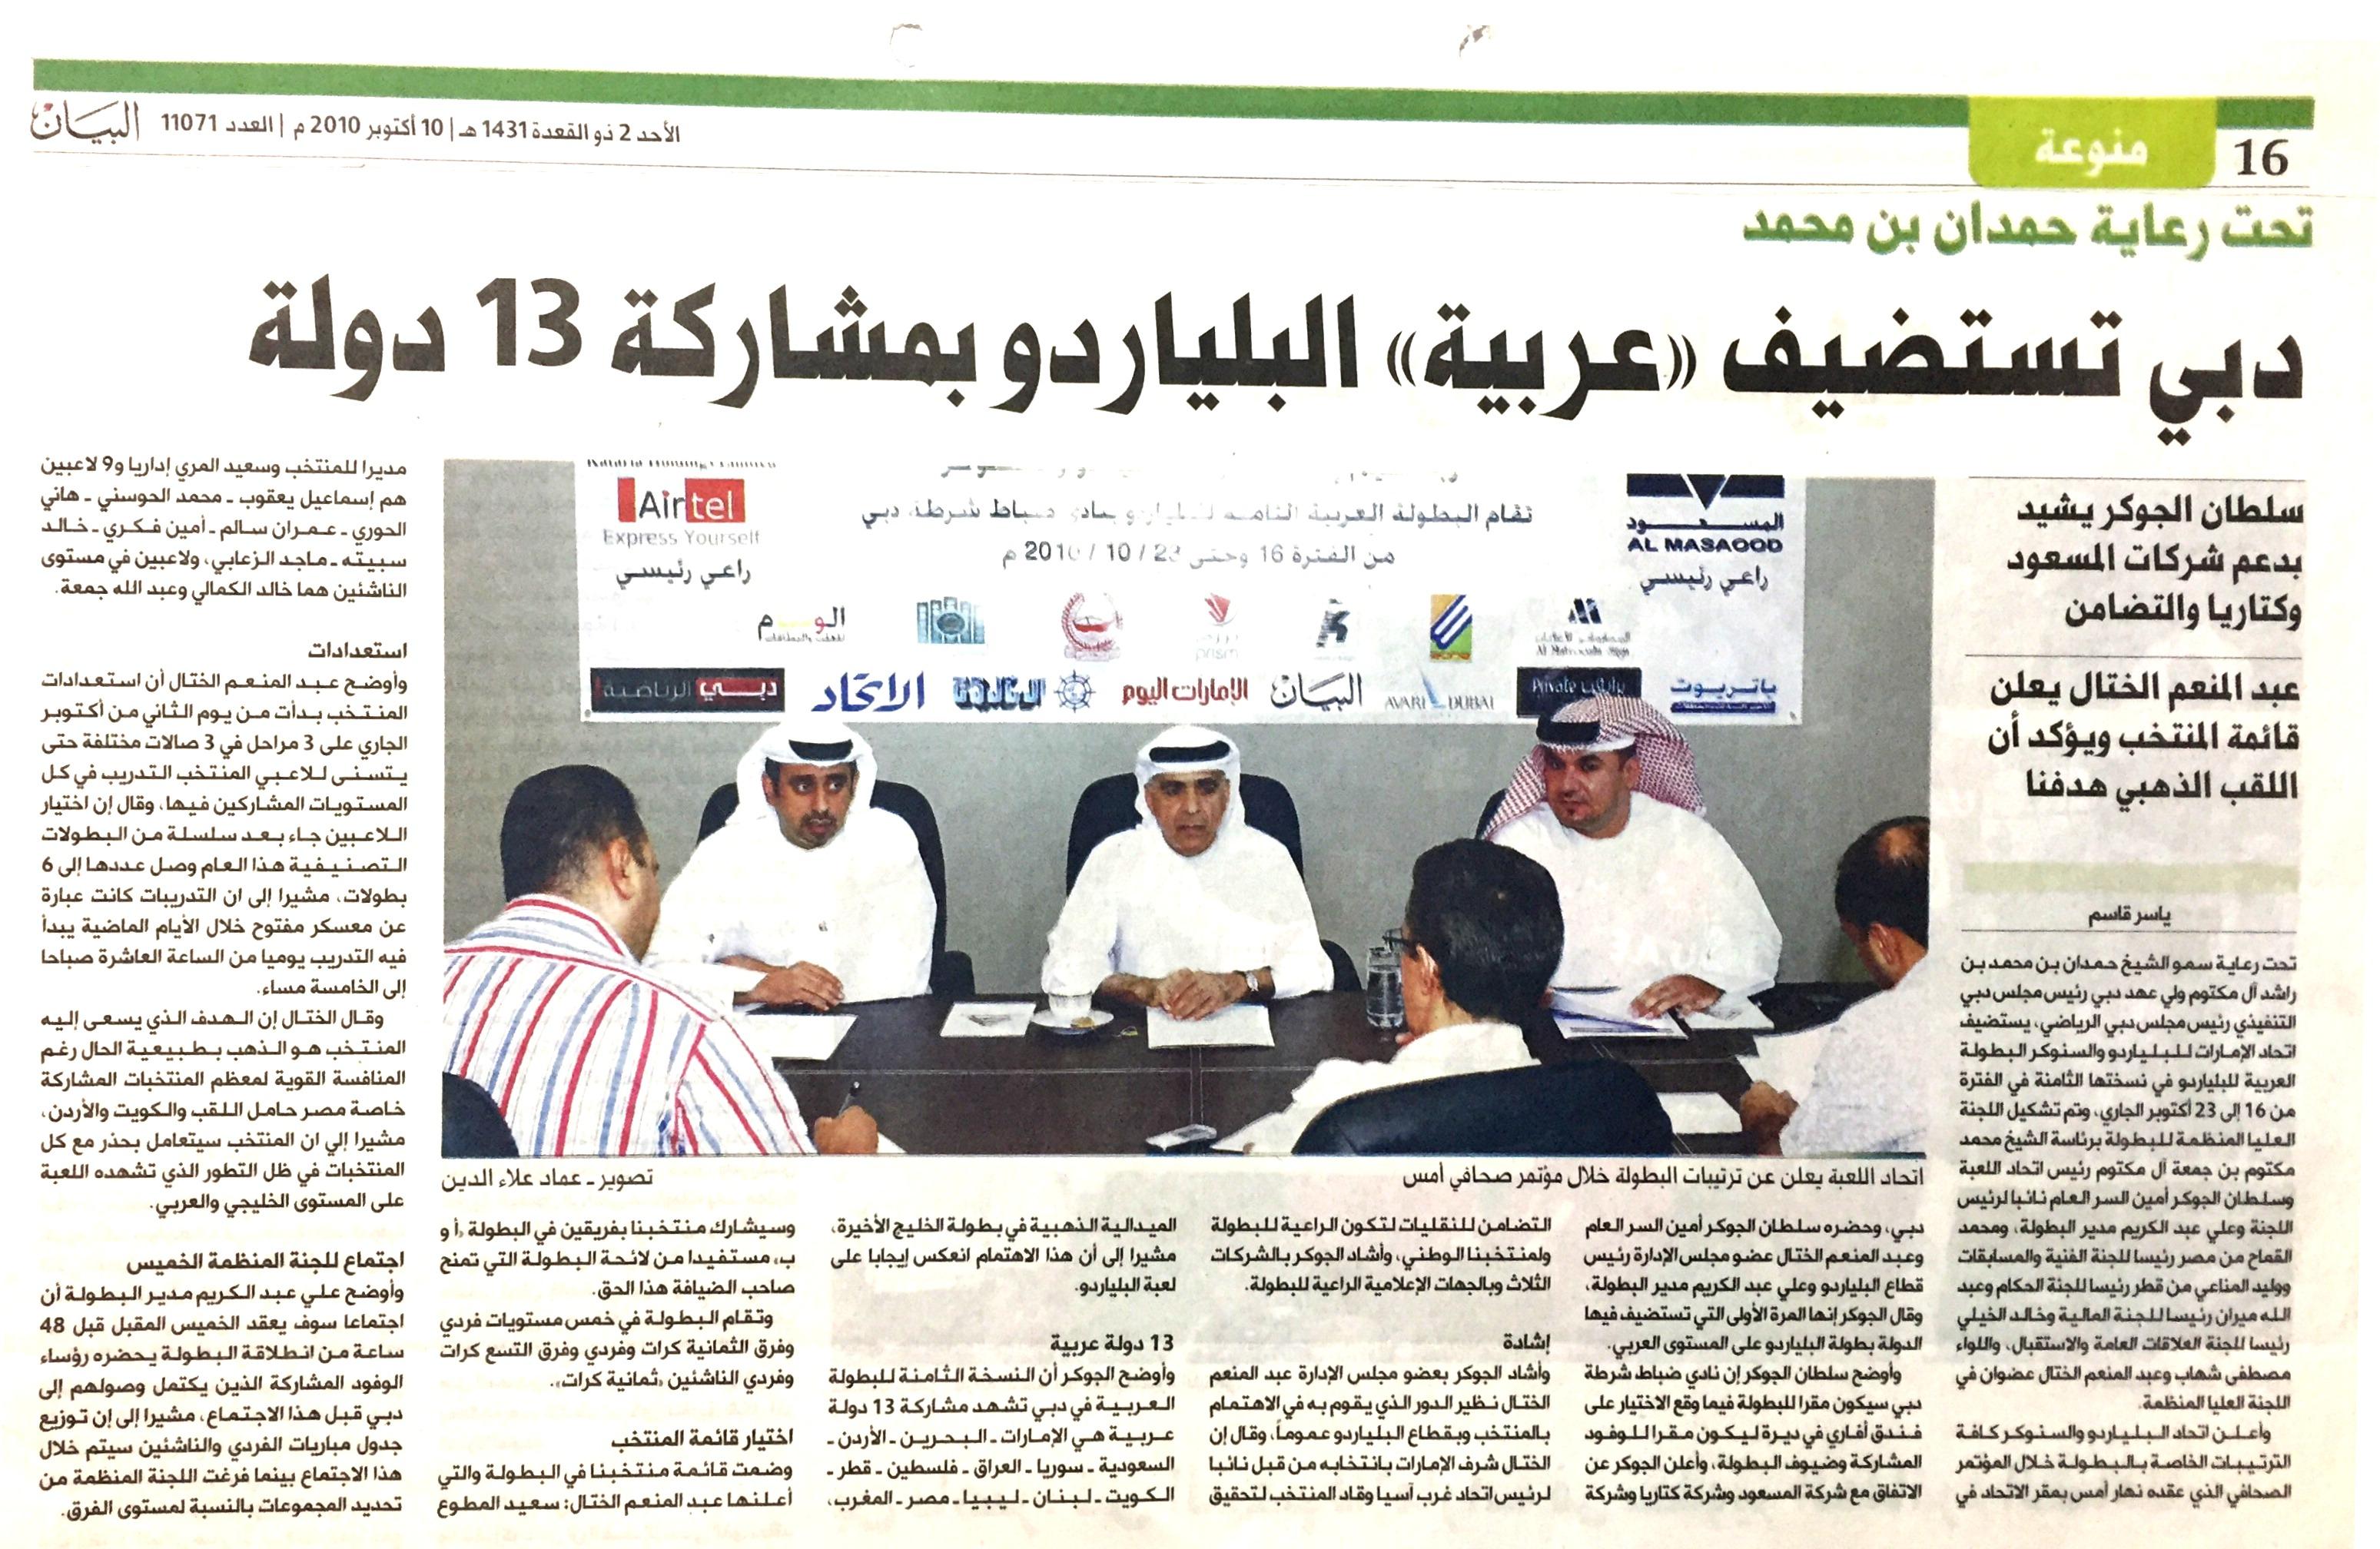 دبي تستضيف((عربية)) البلياردو بمشاركة 13 دولة